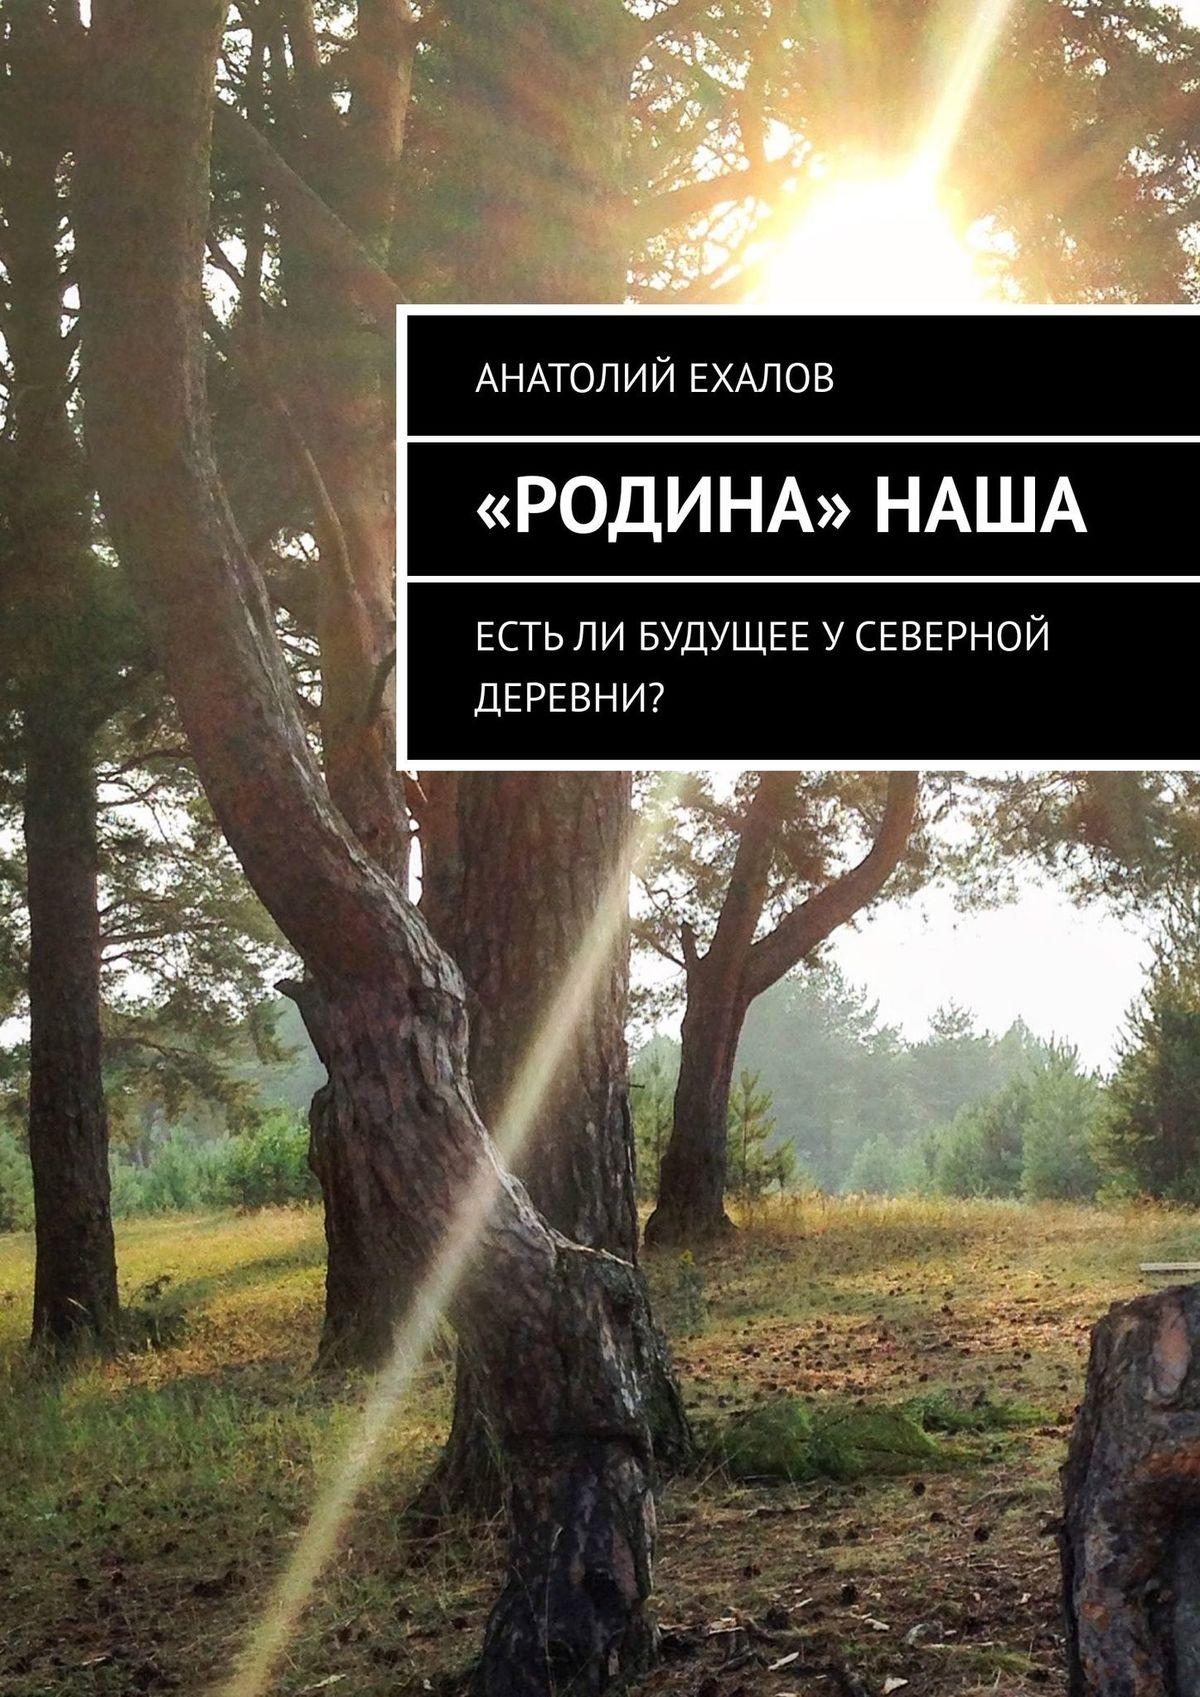 Анатолий Ехалов «Родина» наша. Естьли будущее усеверной деревни? цена 2017